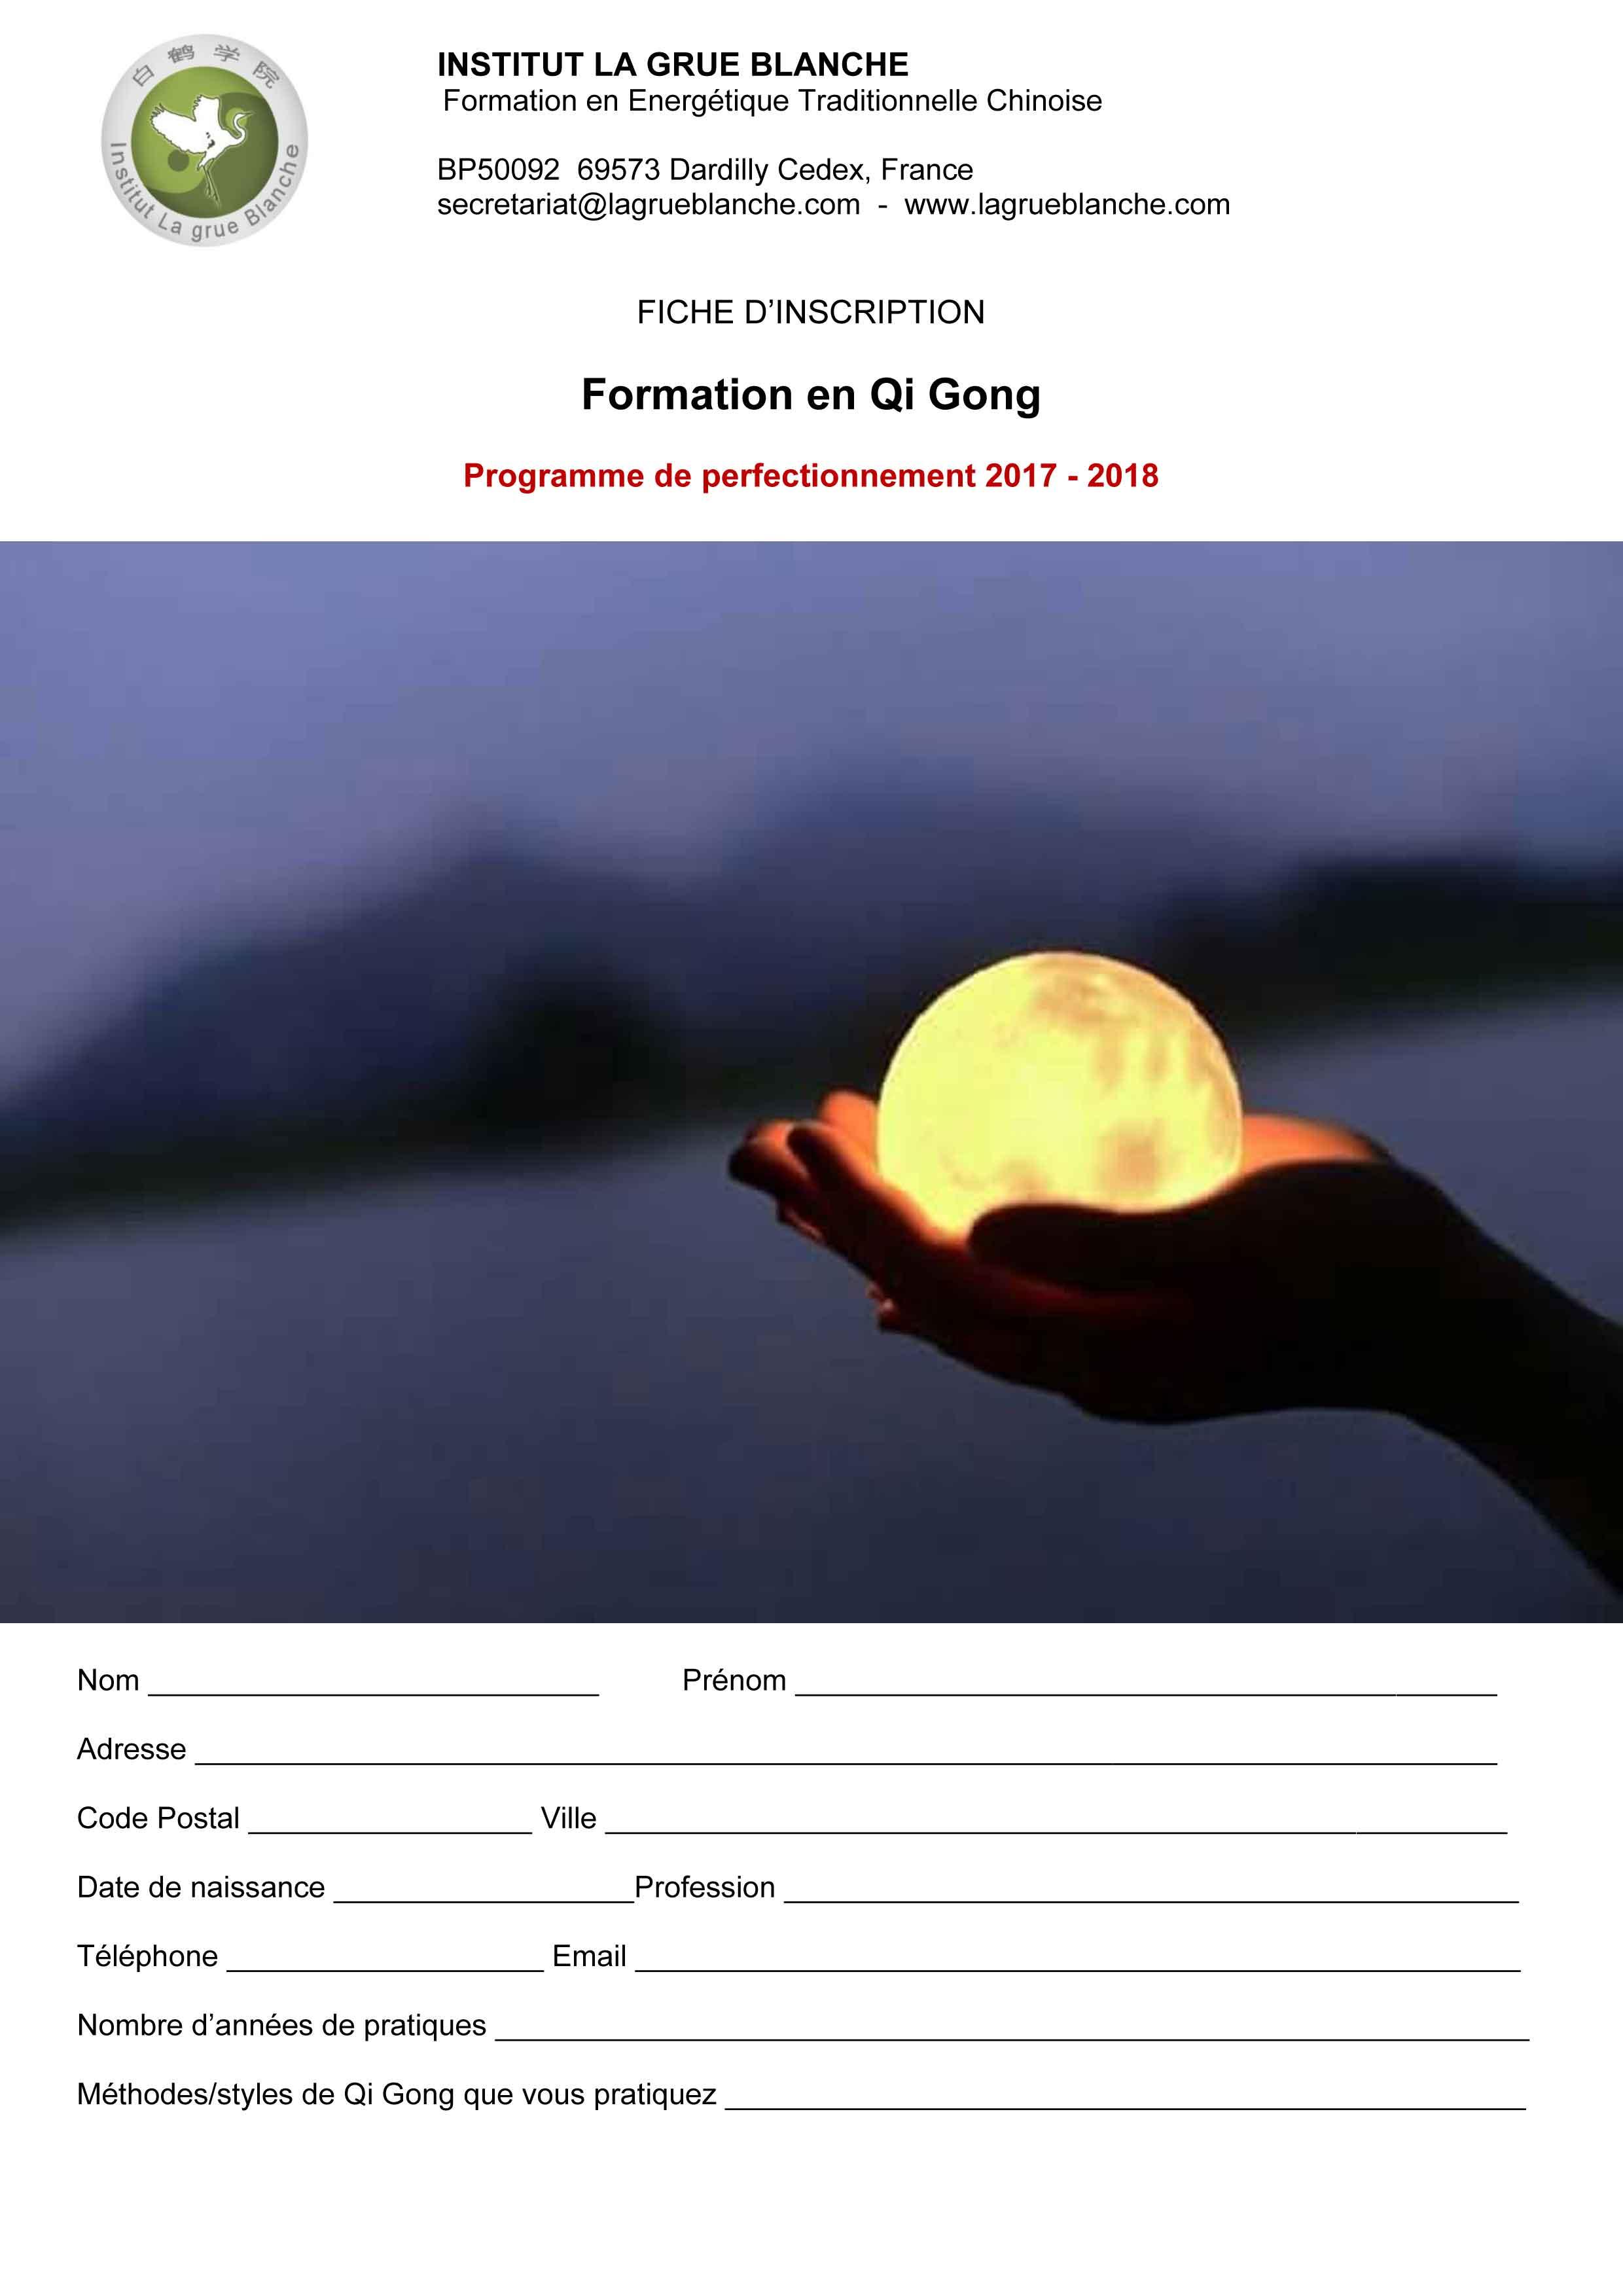 fiche_d_inscription_en_formation_qi_gong_perfectionnement_2017 - blogetrebien